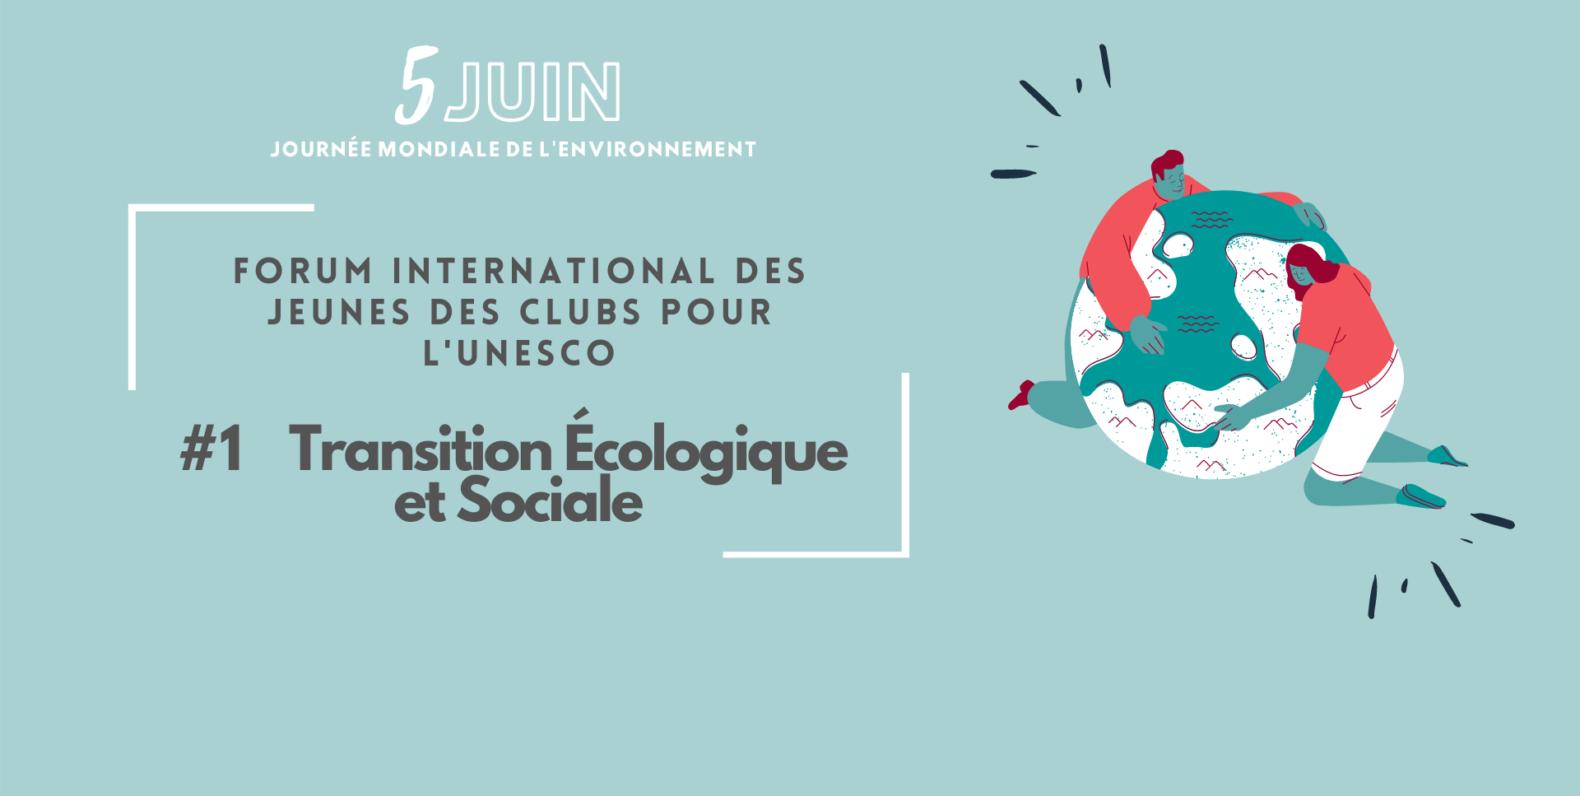 Participez au prochain Forum international des Jeunes des Clubs pour l'UNESCO sur la transition écologique et sociale !